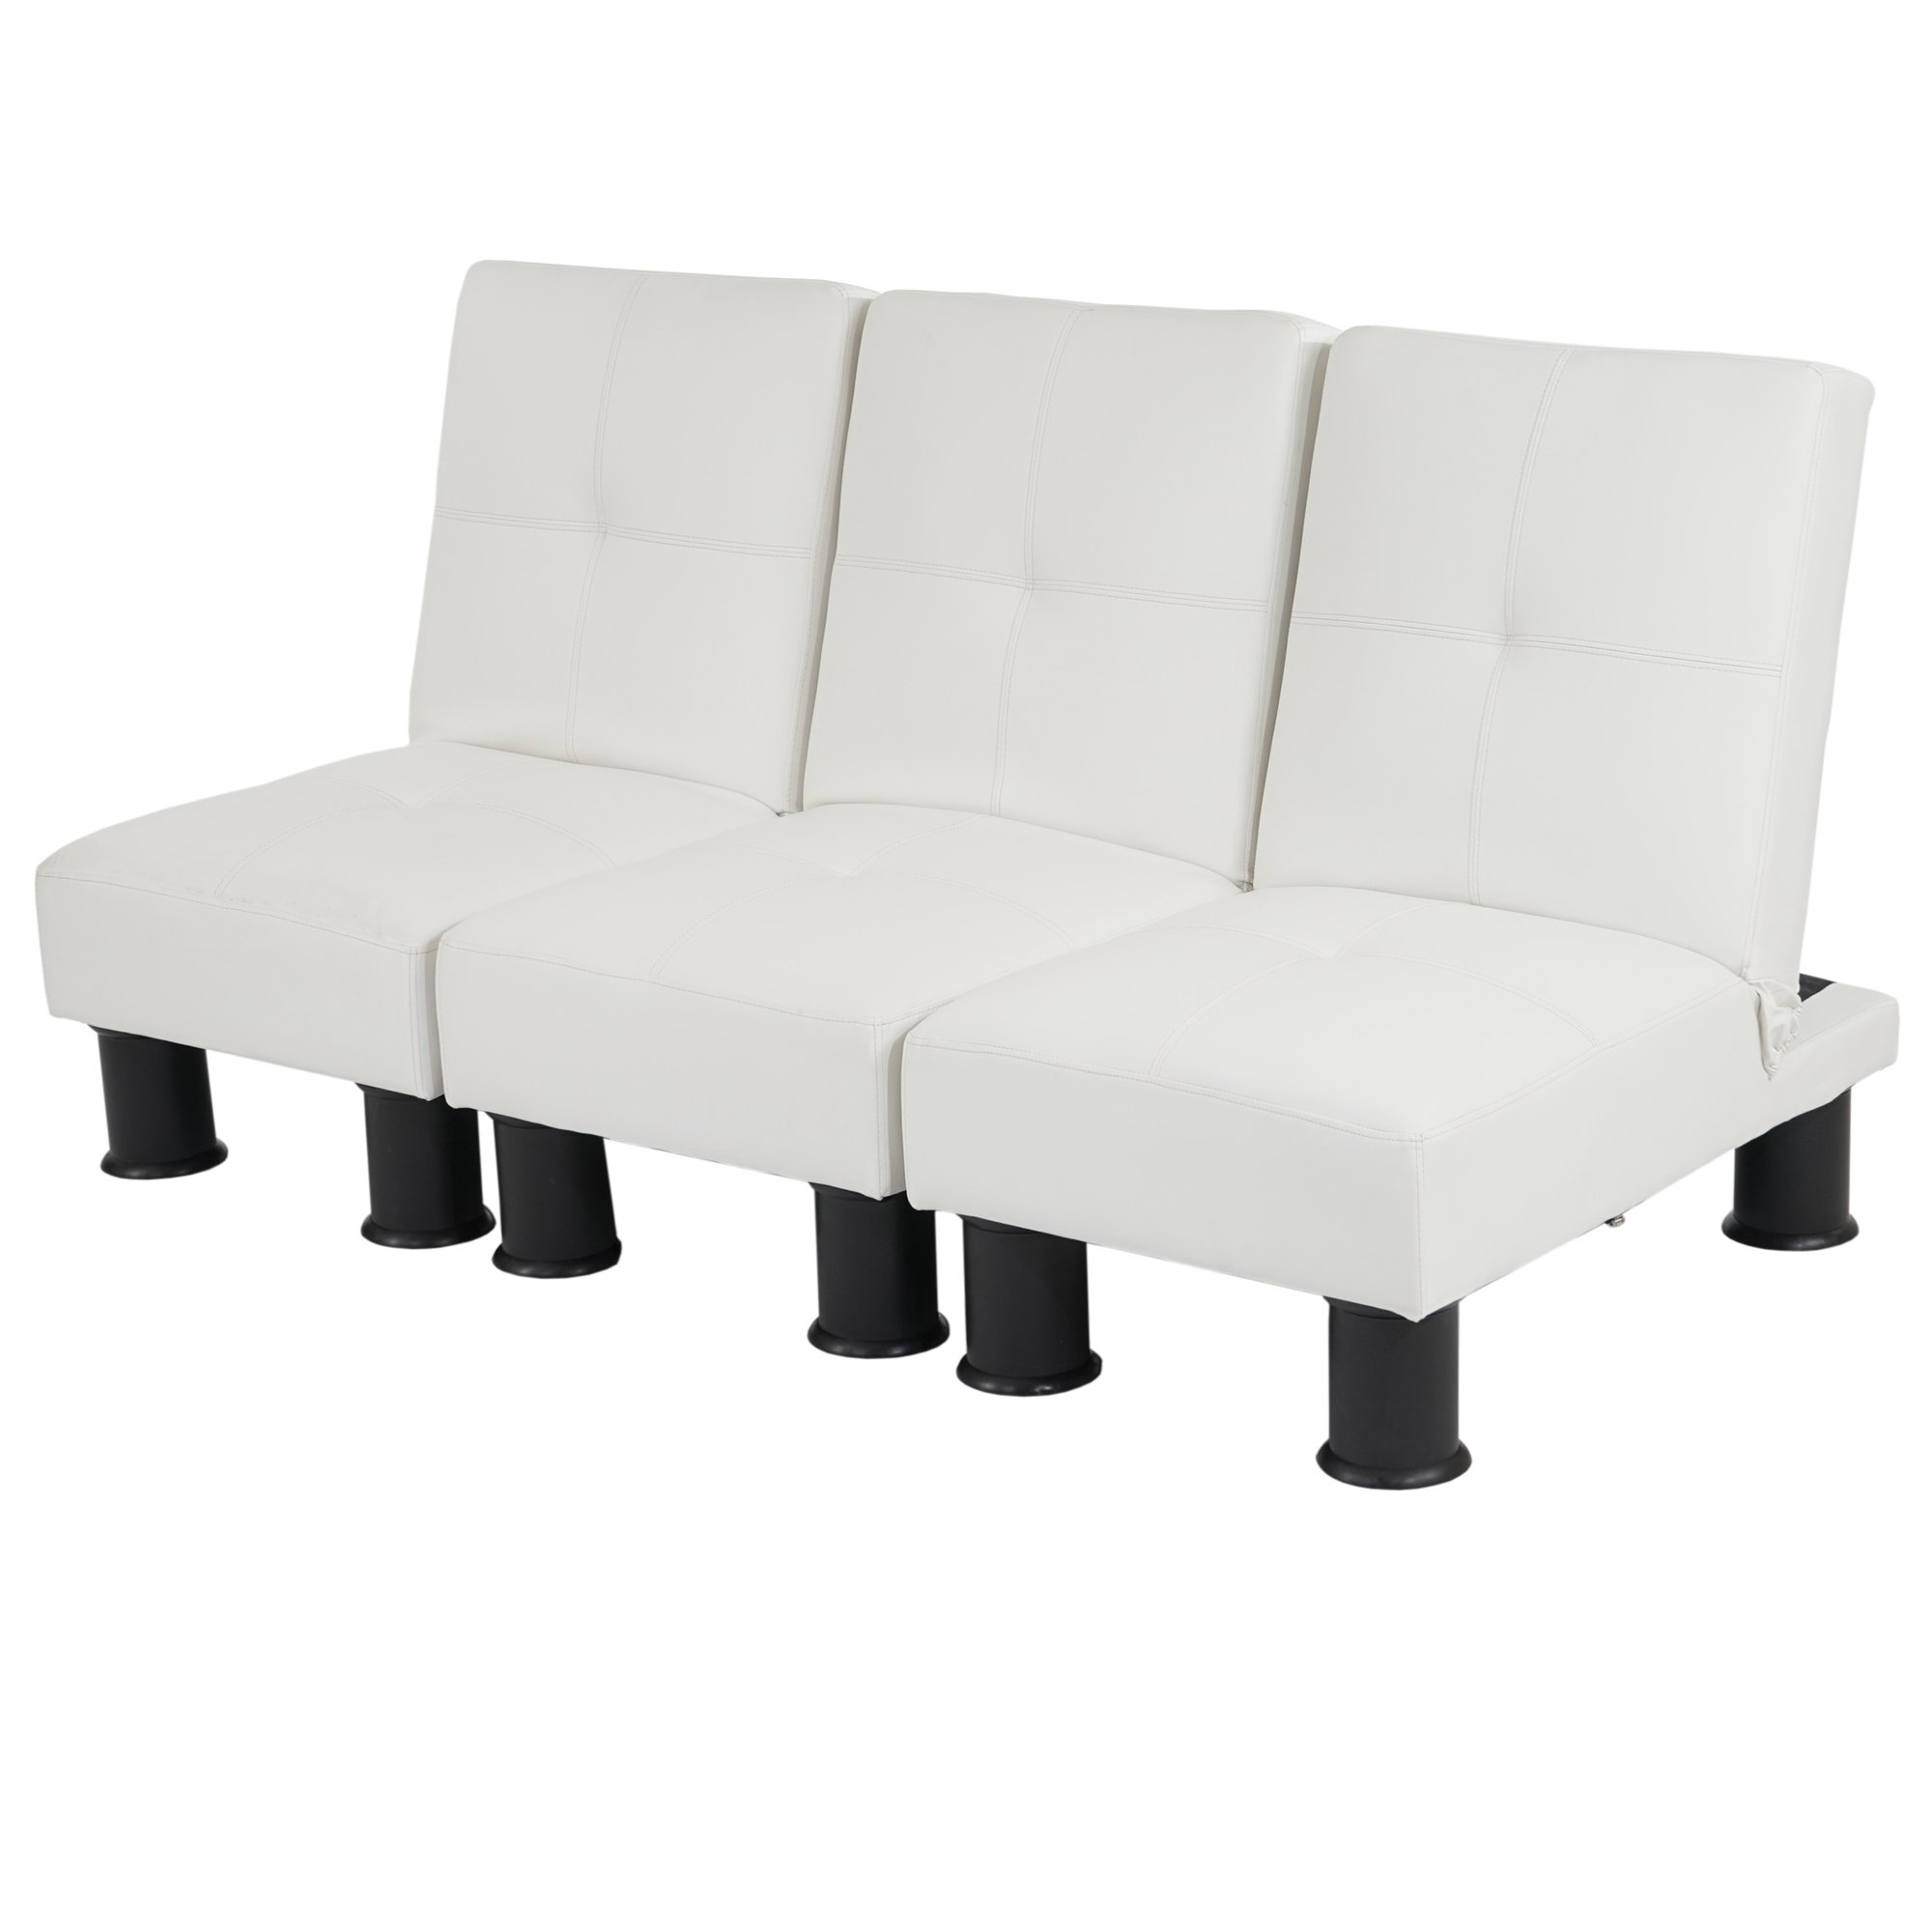 Lote 3 modulos sofa cama melbourne ii en piel color blanco - Sofa cama piel blanco ...